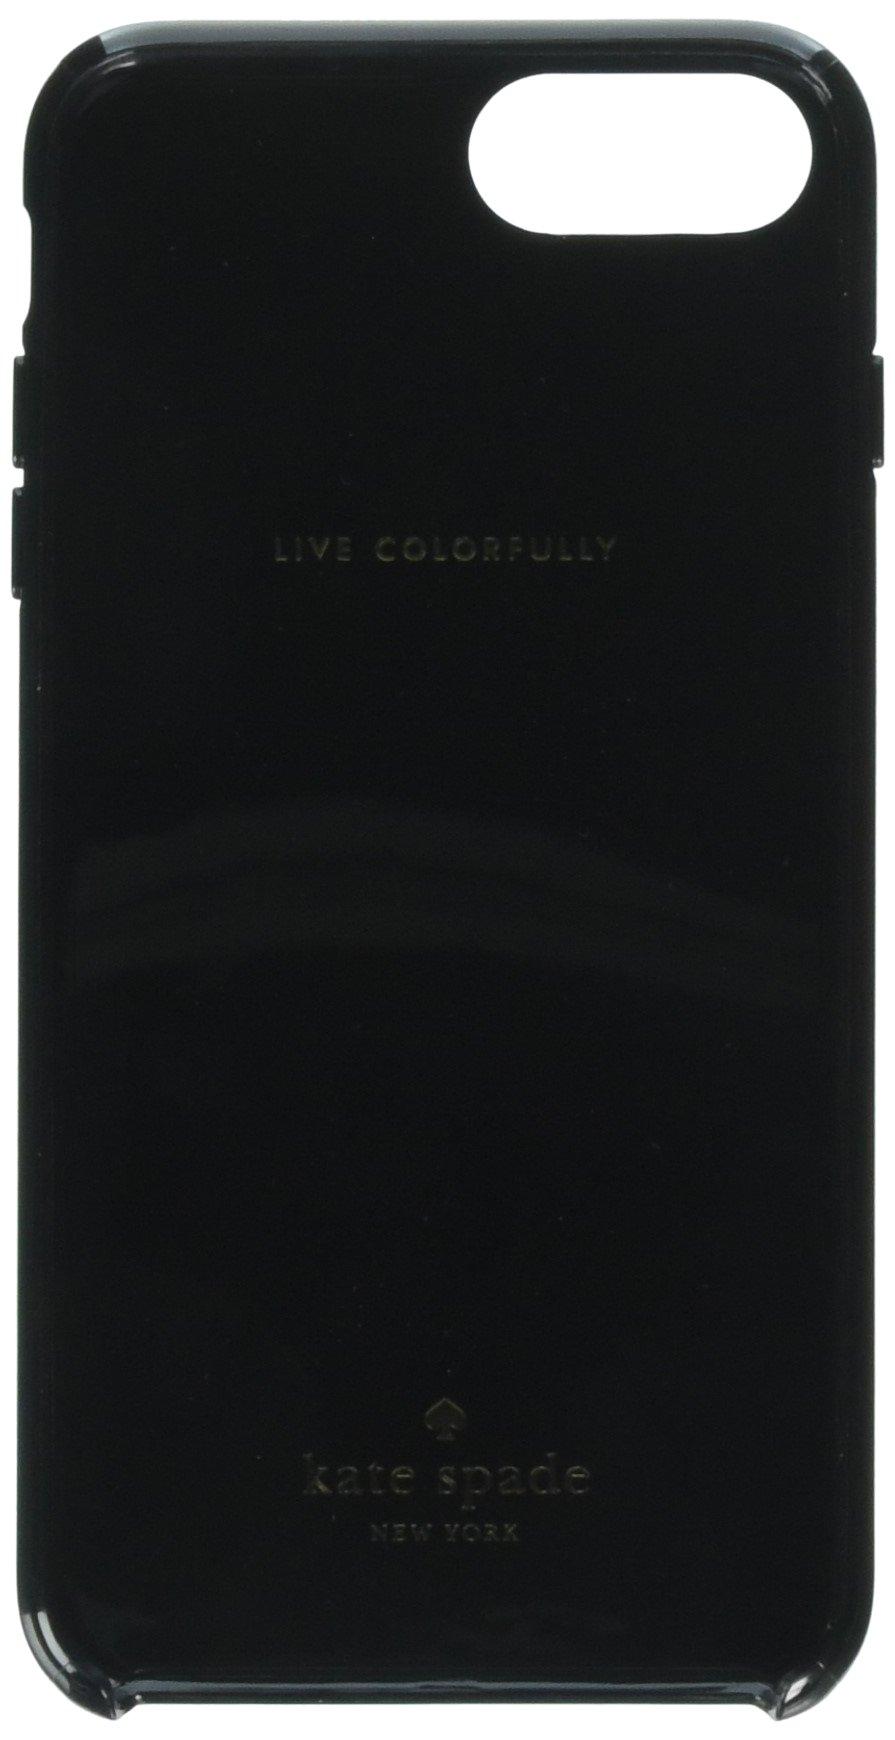 Kate Spade New York Stripe Black White Rose Gold Foil Hardshell Case